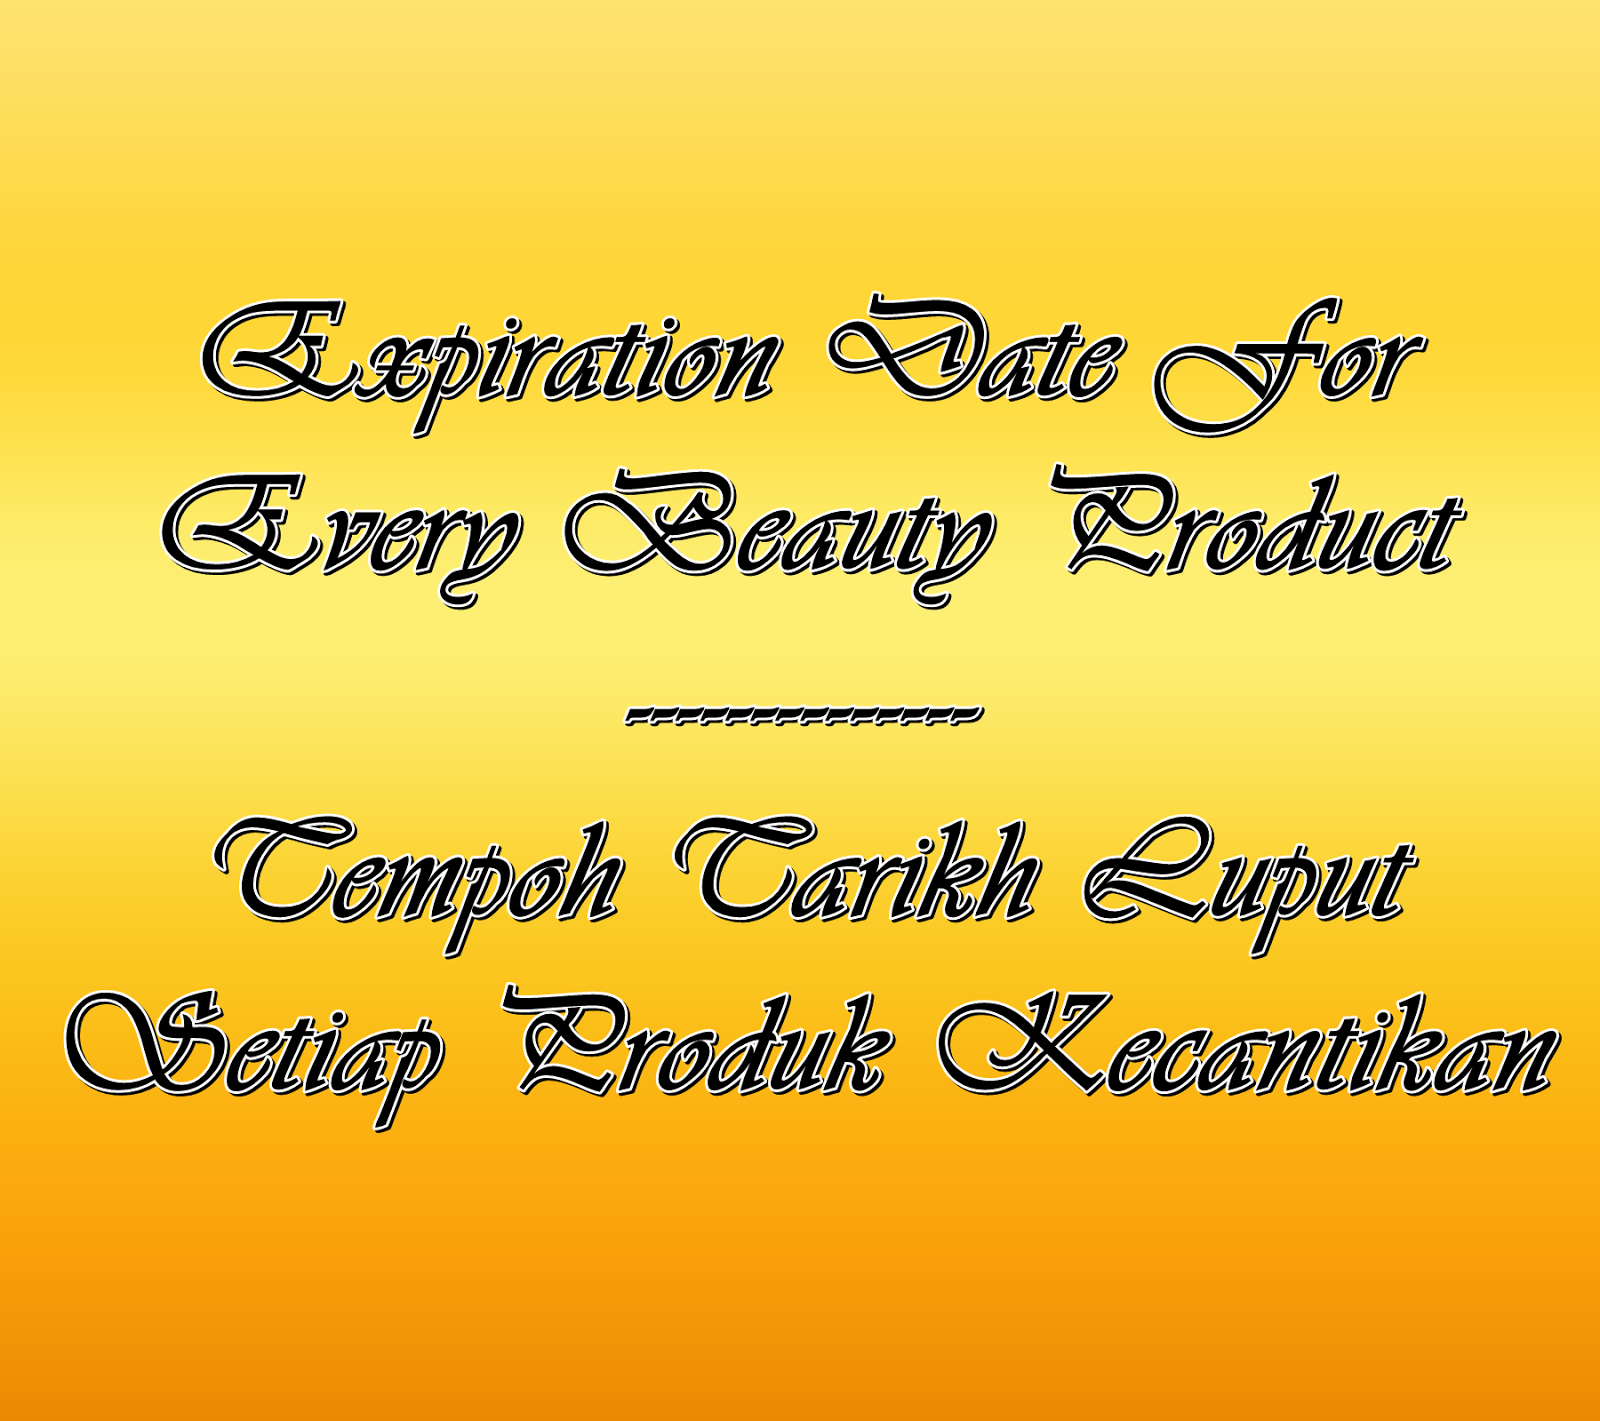 Tempoh Tarikh Luput Produk Kecantikan Expiration date for cosmectic